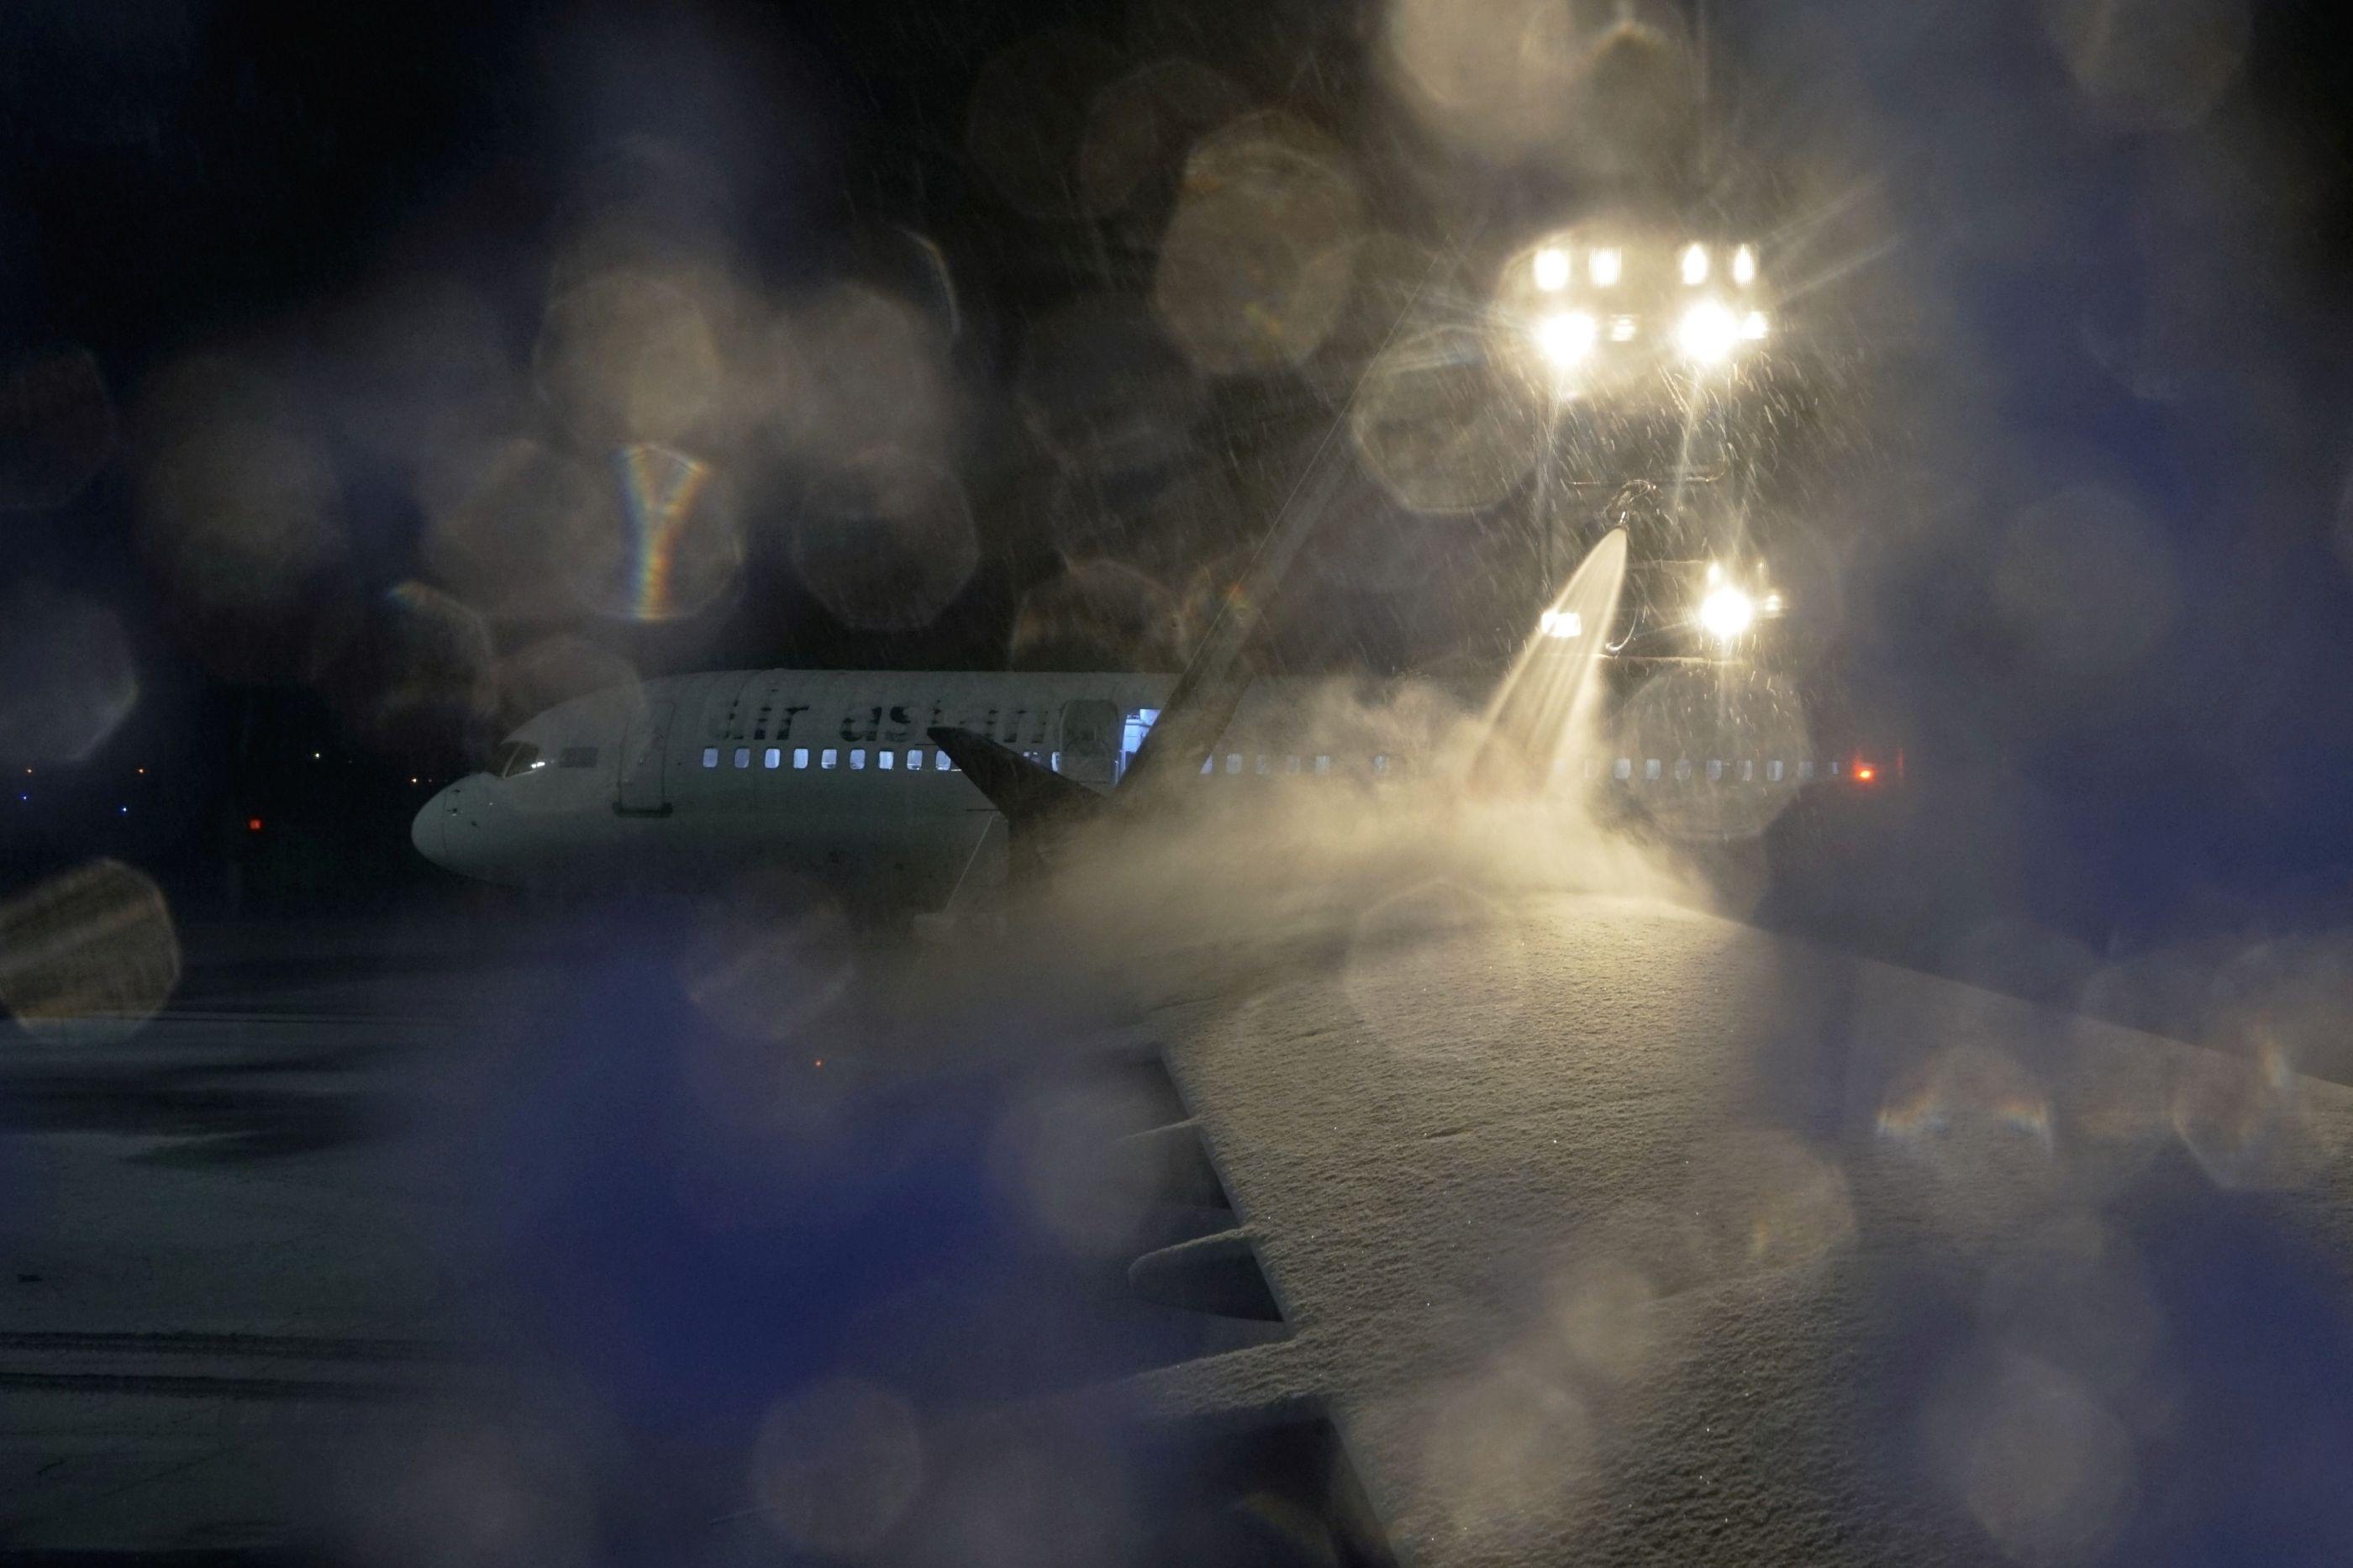 Autoridades a caminho de Beja para investigar incidente com avião